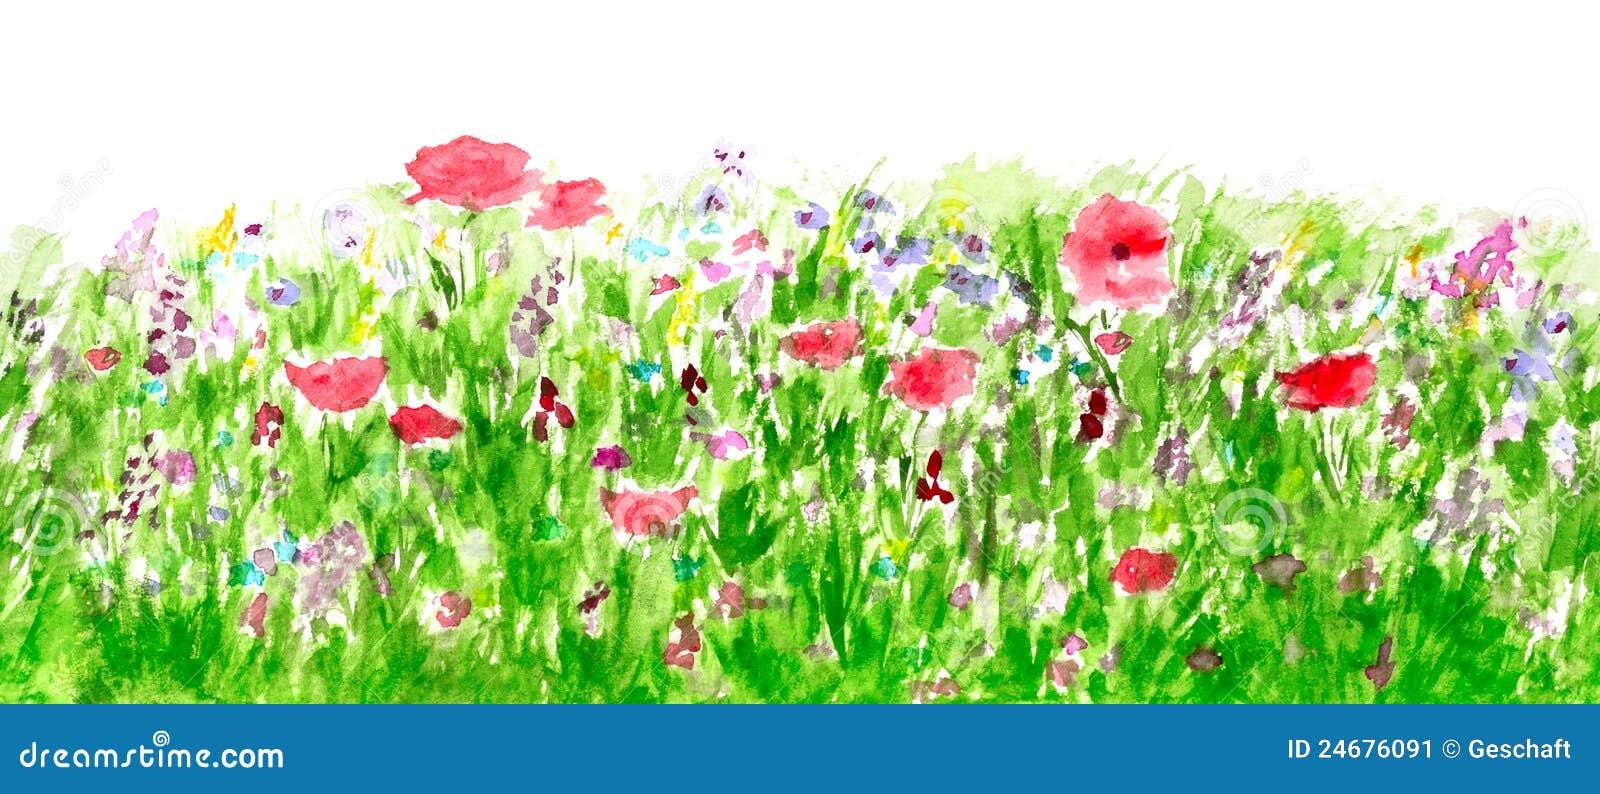 De Waterverf van de Bloemen van de zomer, het Naadloze Patroon van de Grens